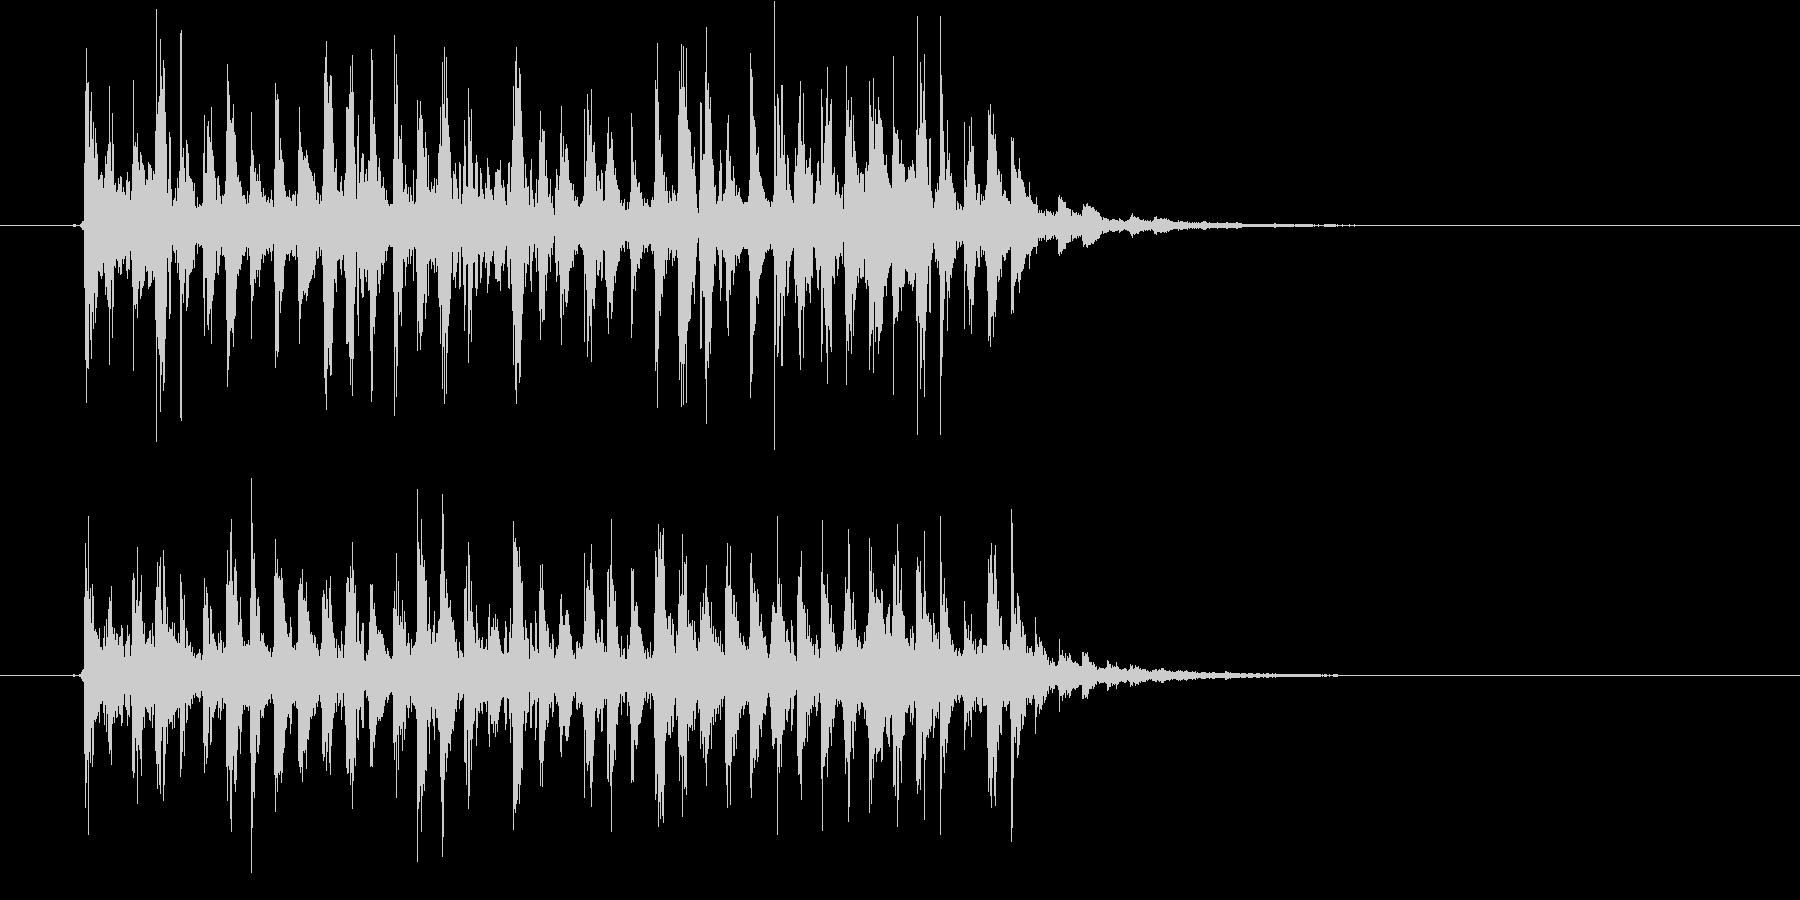 軽快でリズミカルなシンセジングルの未再生の波形